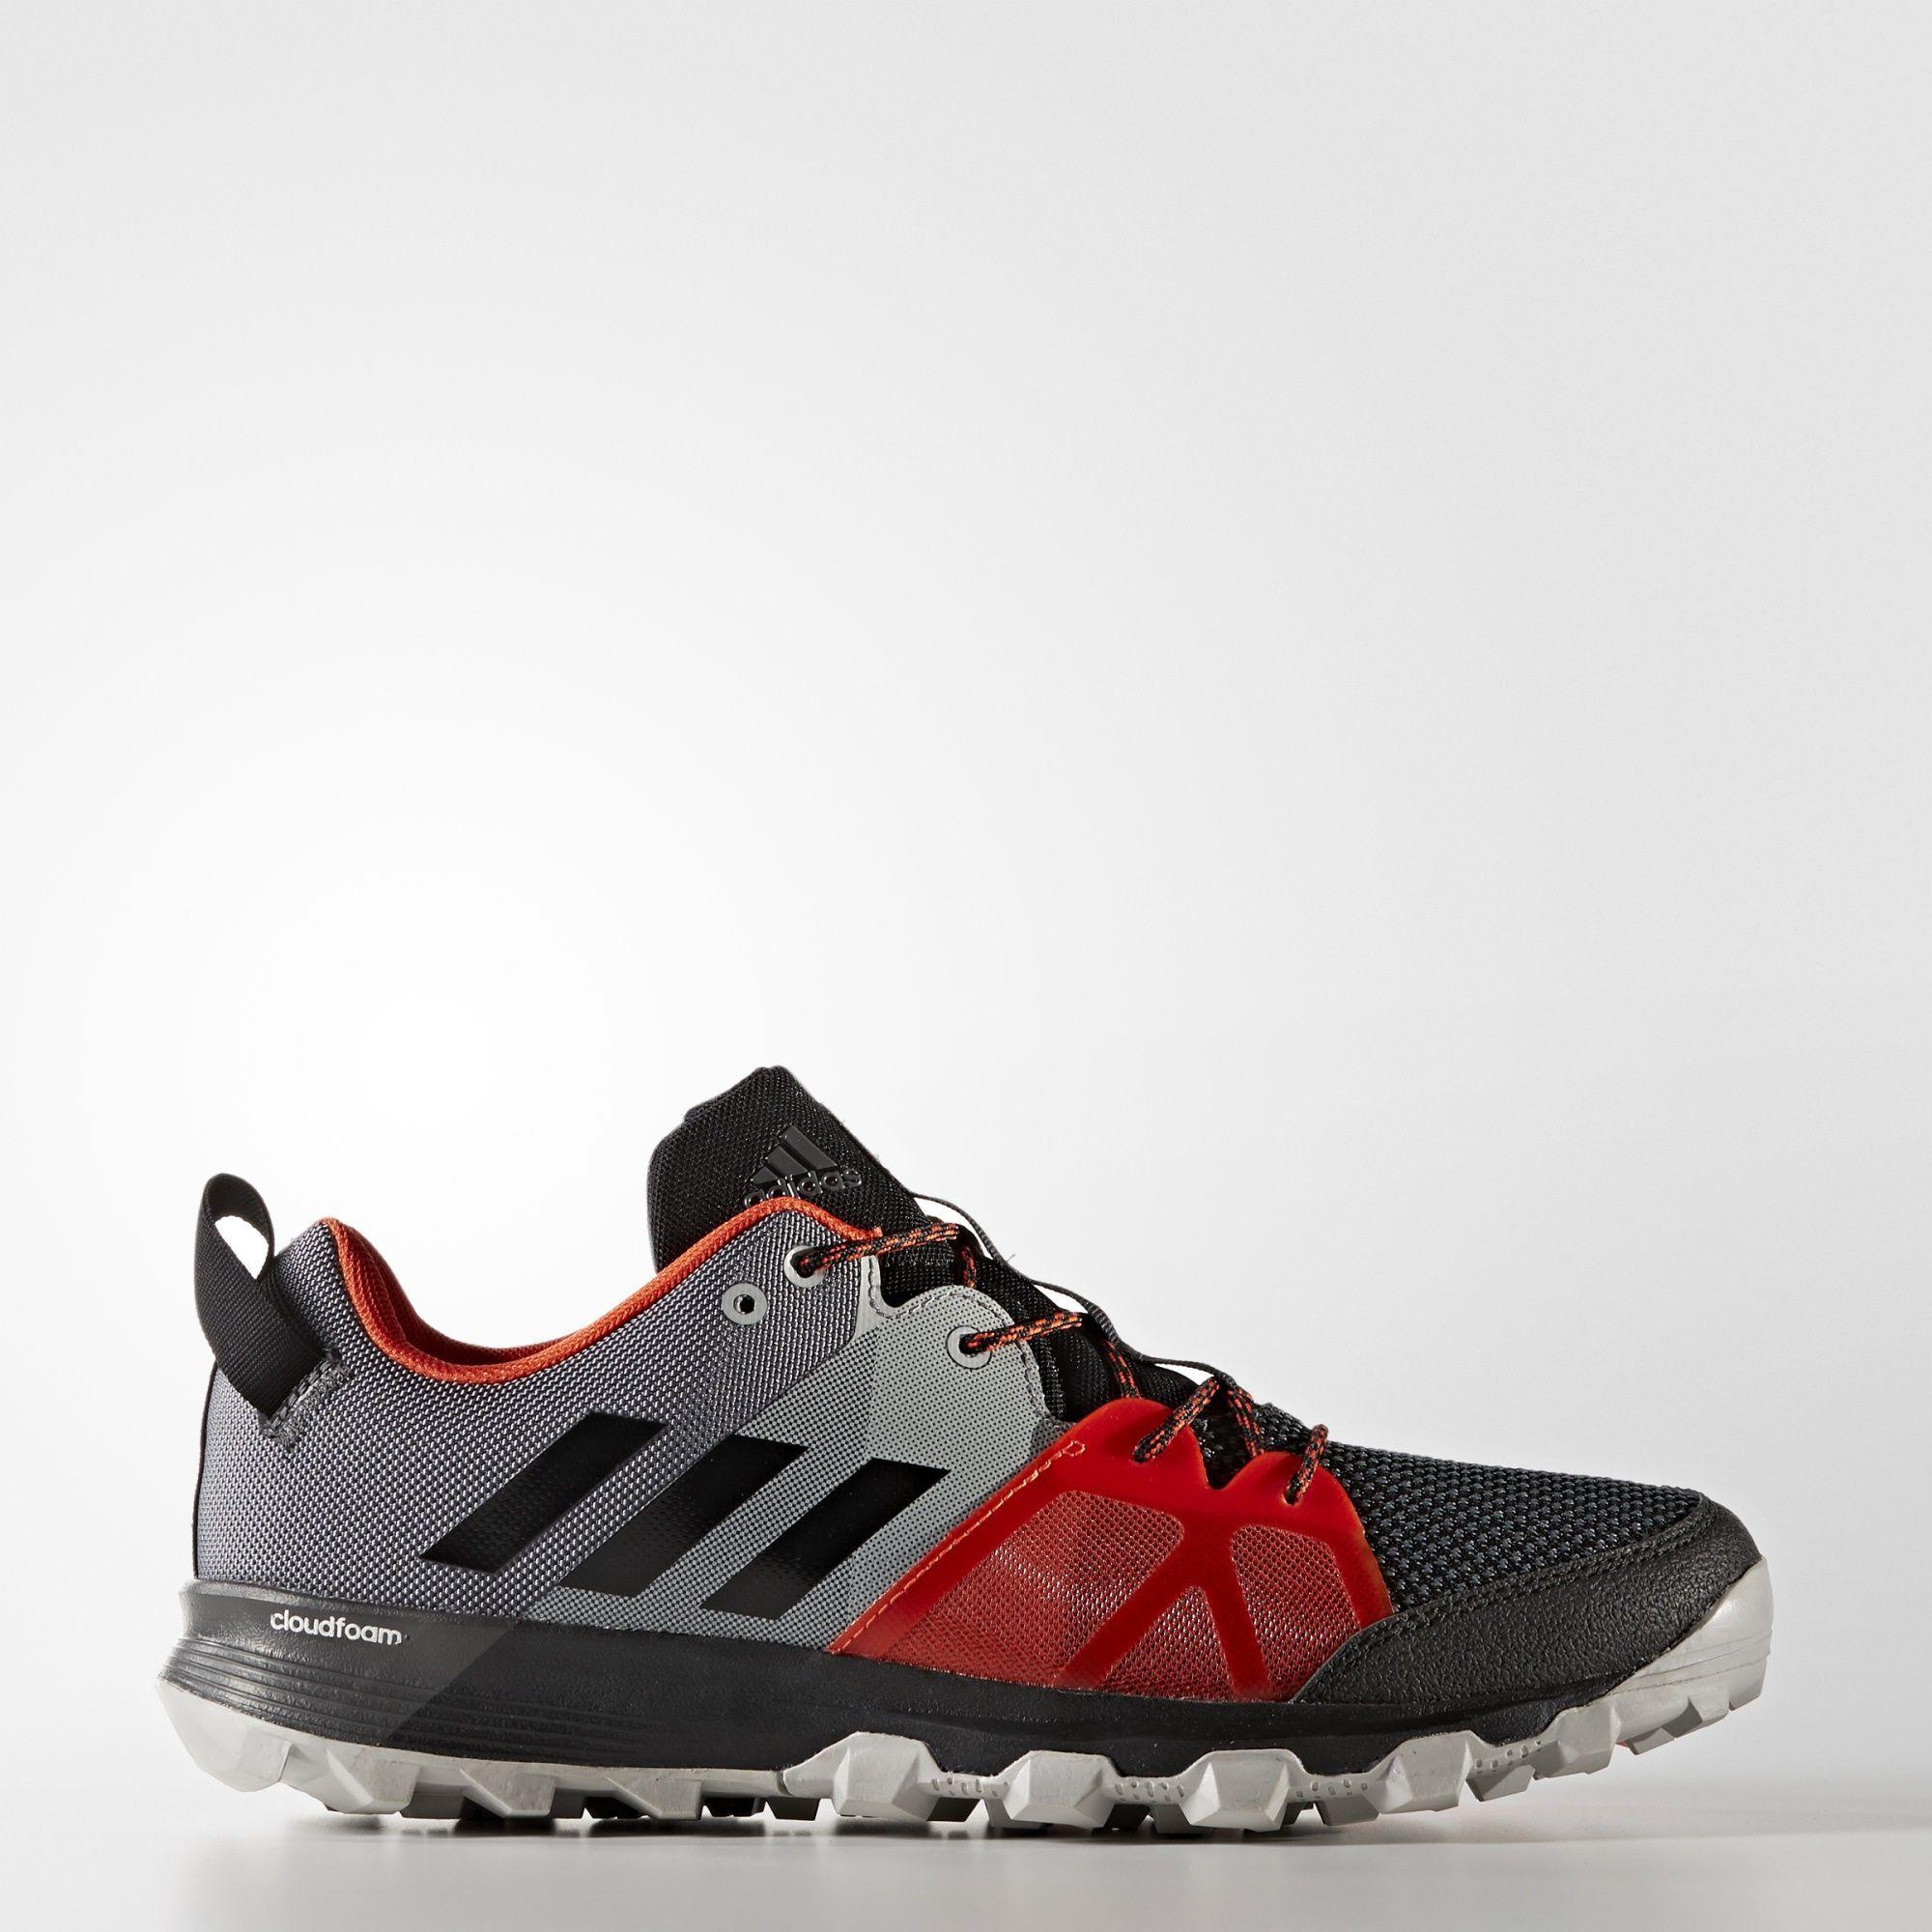 adidas outdoor Men's Terrex Tracerocker GTX Trail Running